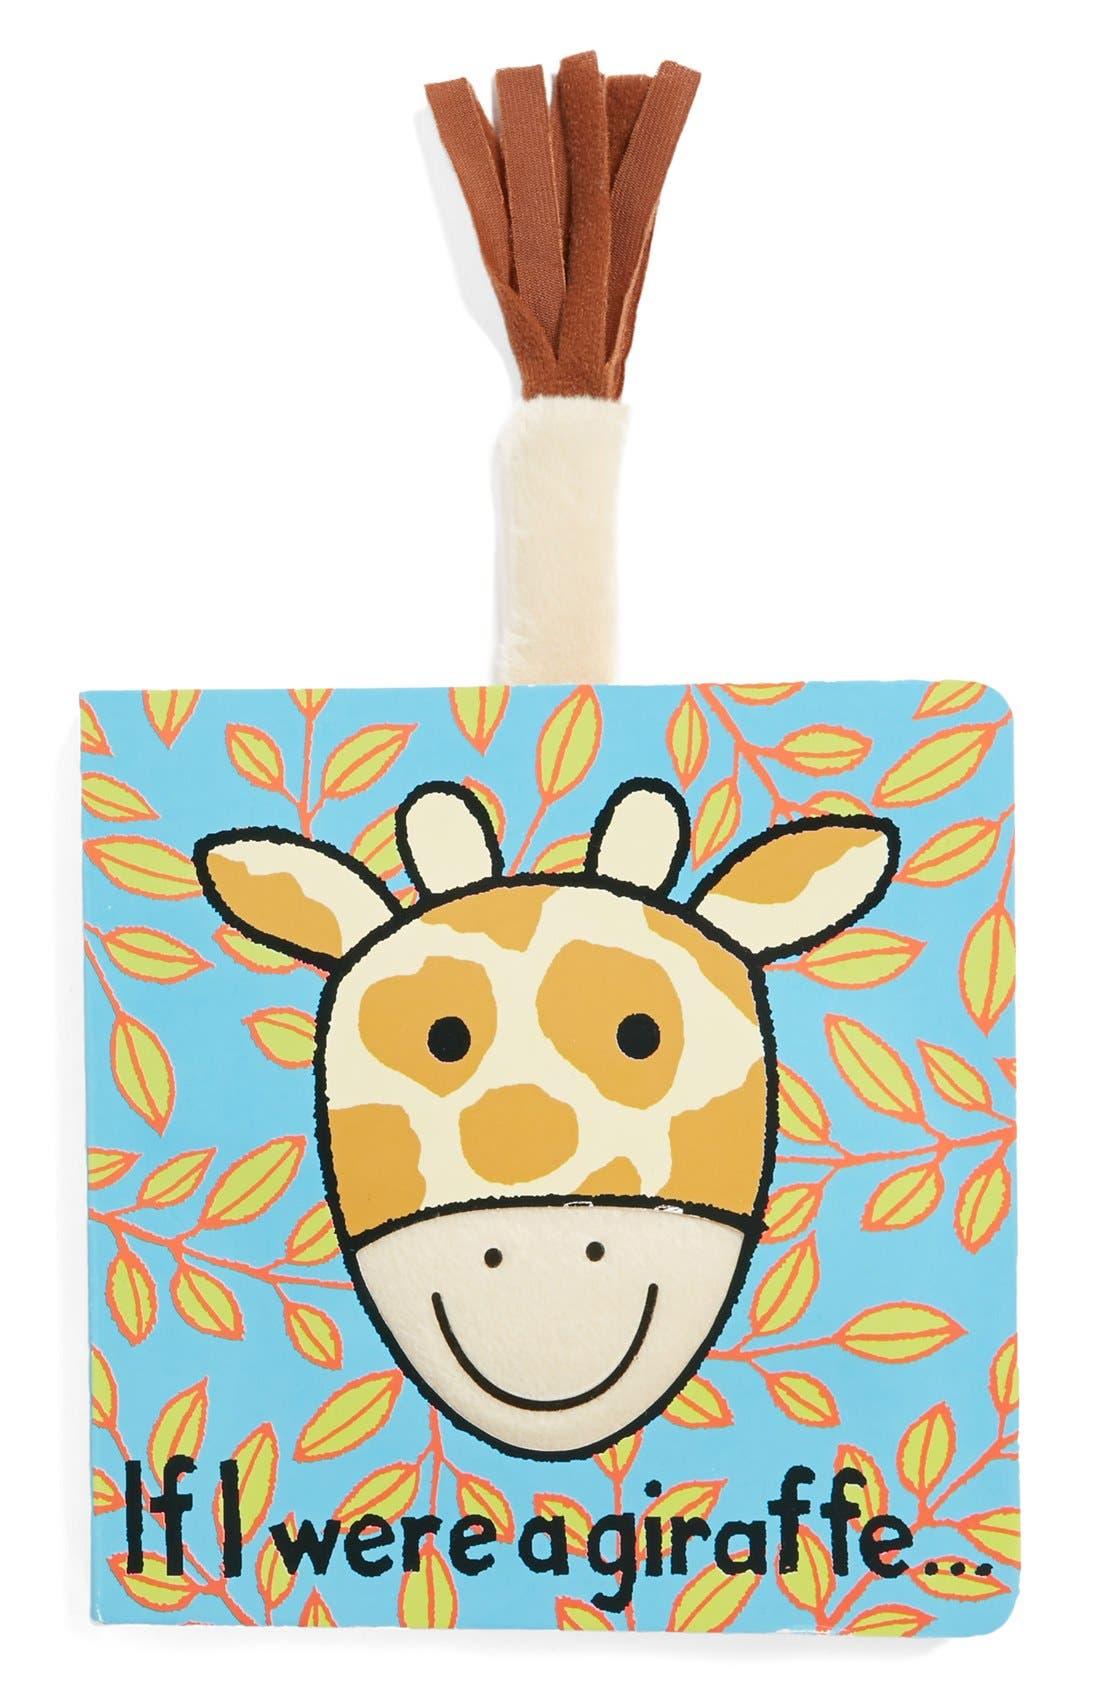 JELLYCAT 'If I Were a Giraffe…' Book